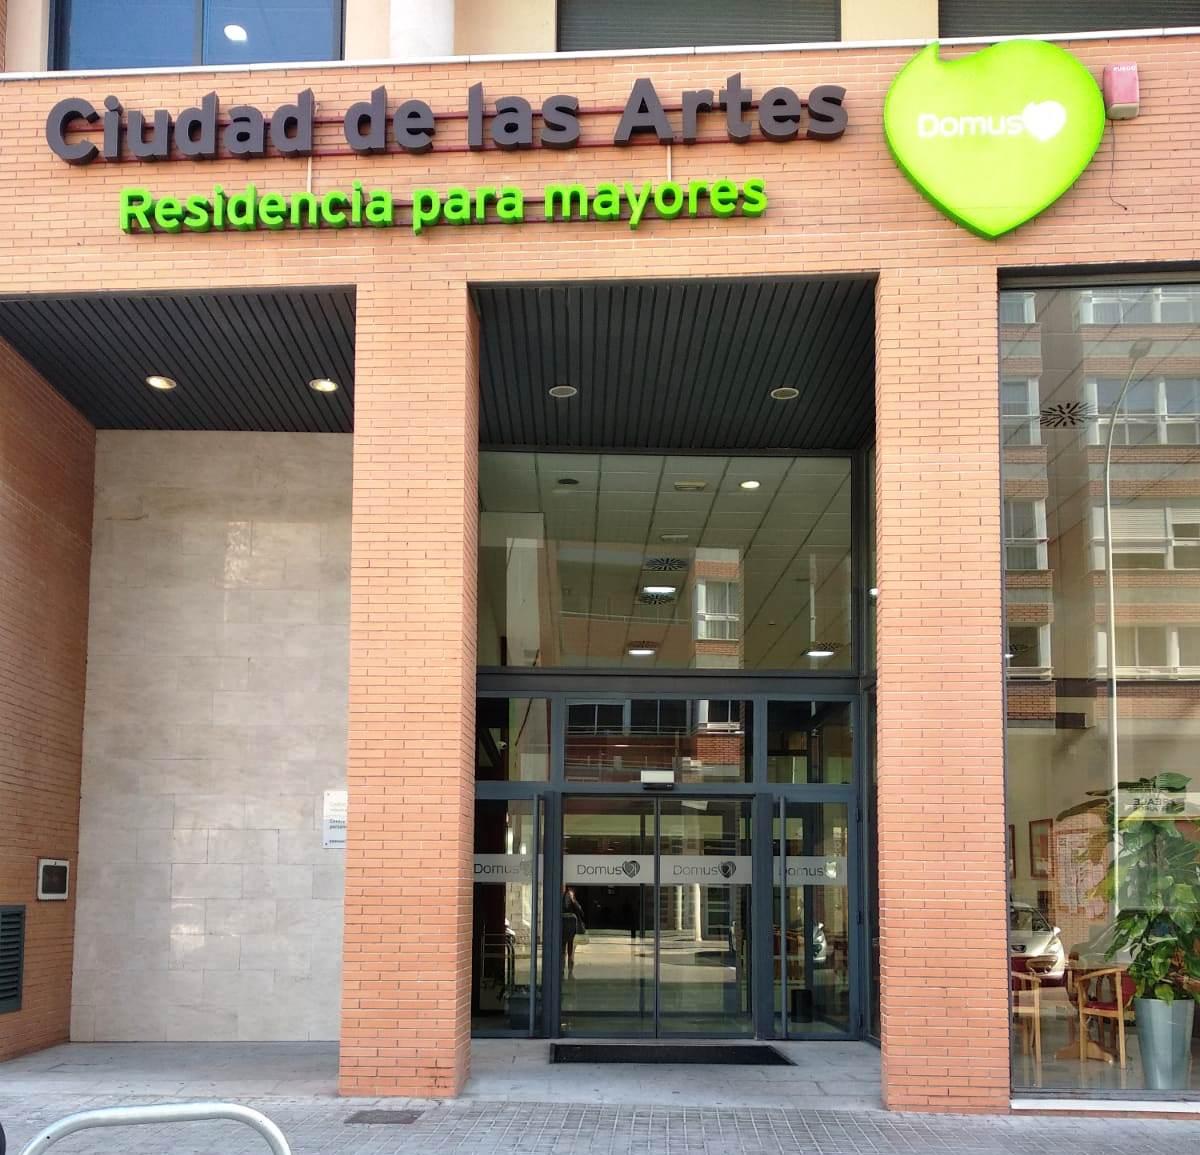 Centro de día DomusVi Ciudad de las Artes